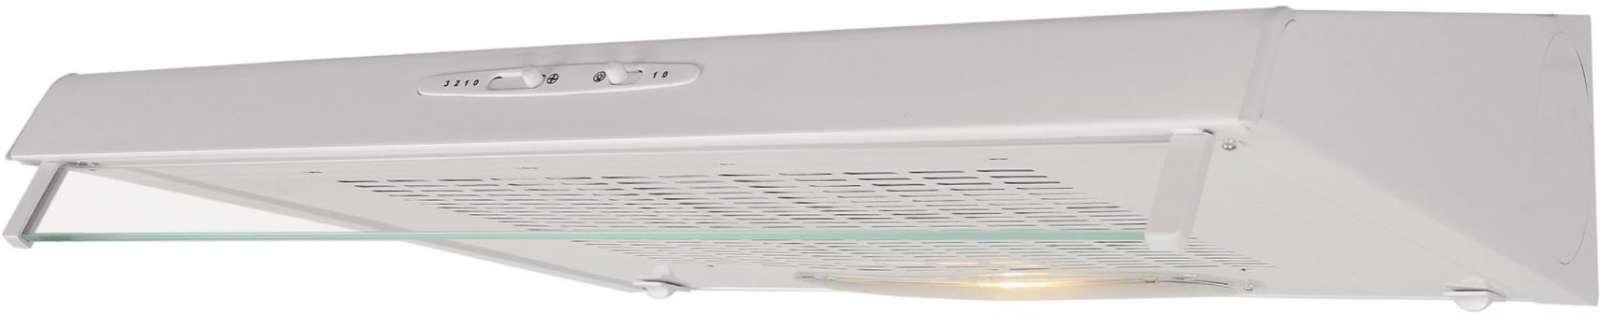 Univerzální odsavač par AMICA OSC 6110 W - 60 cm